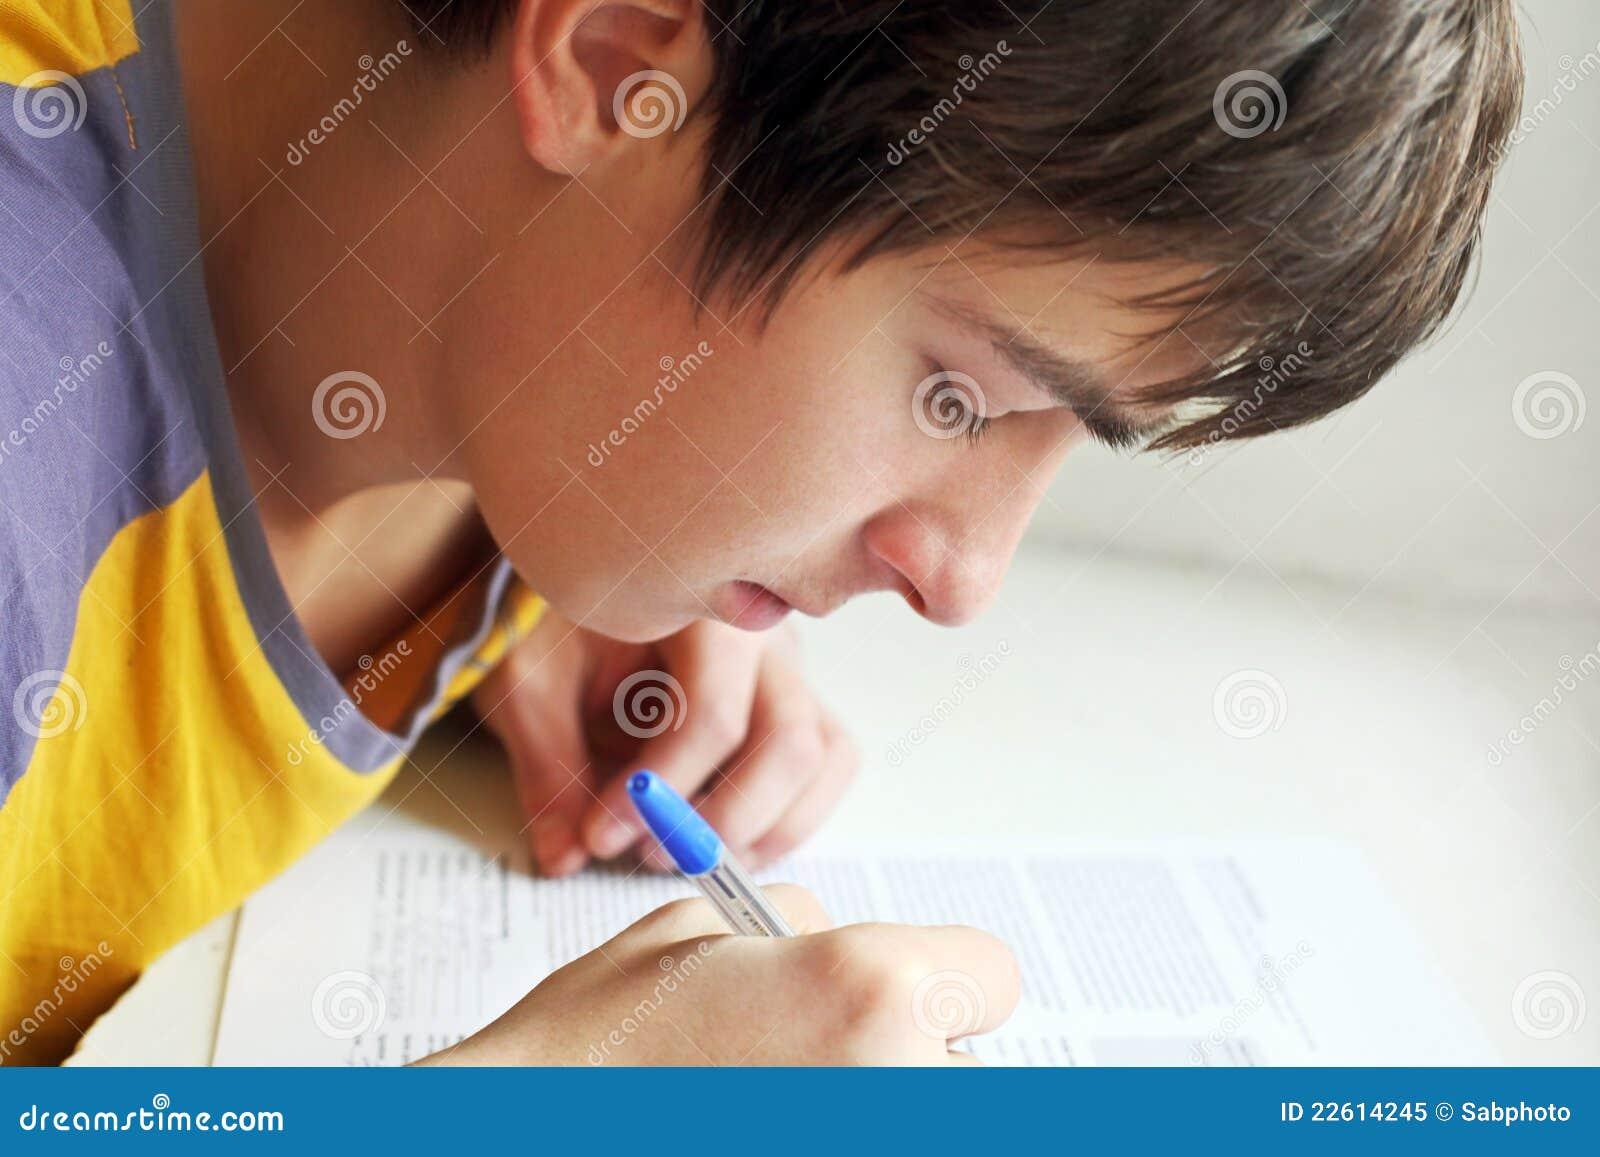 Nastolatka writing